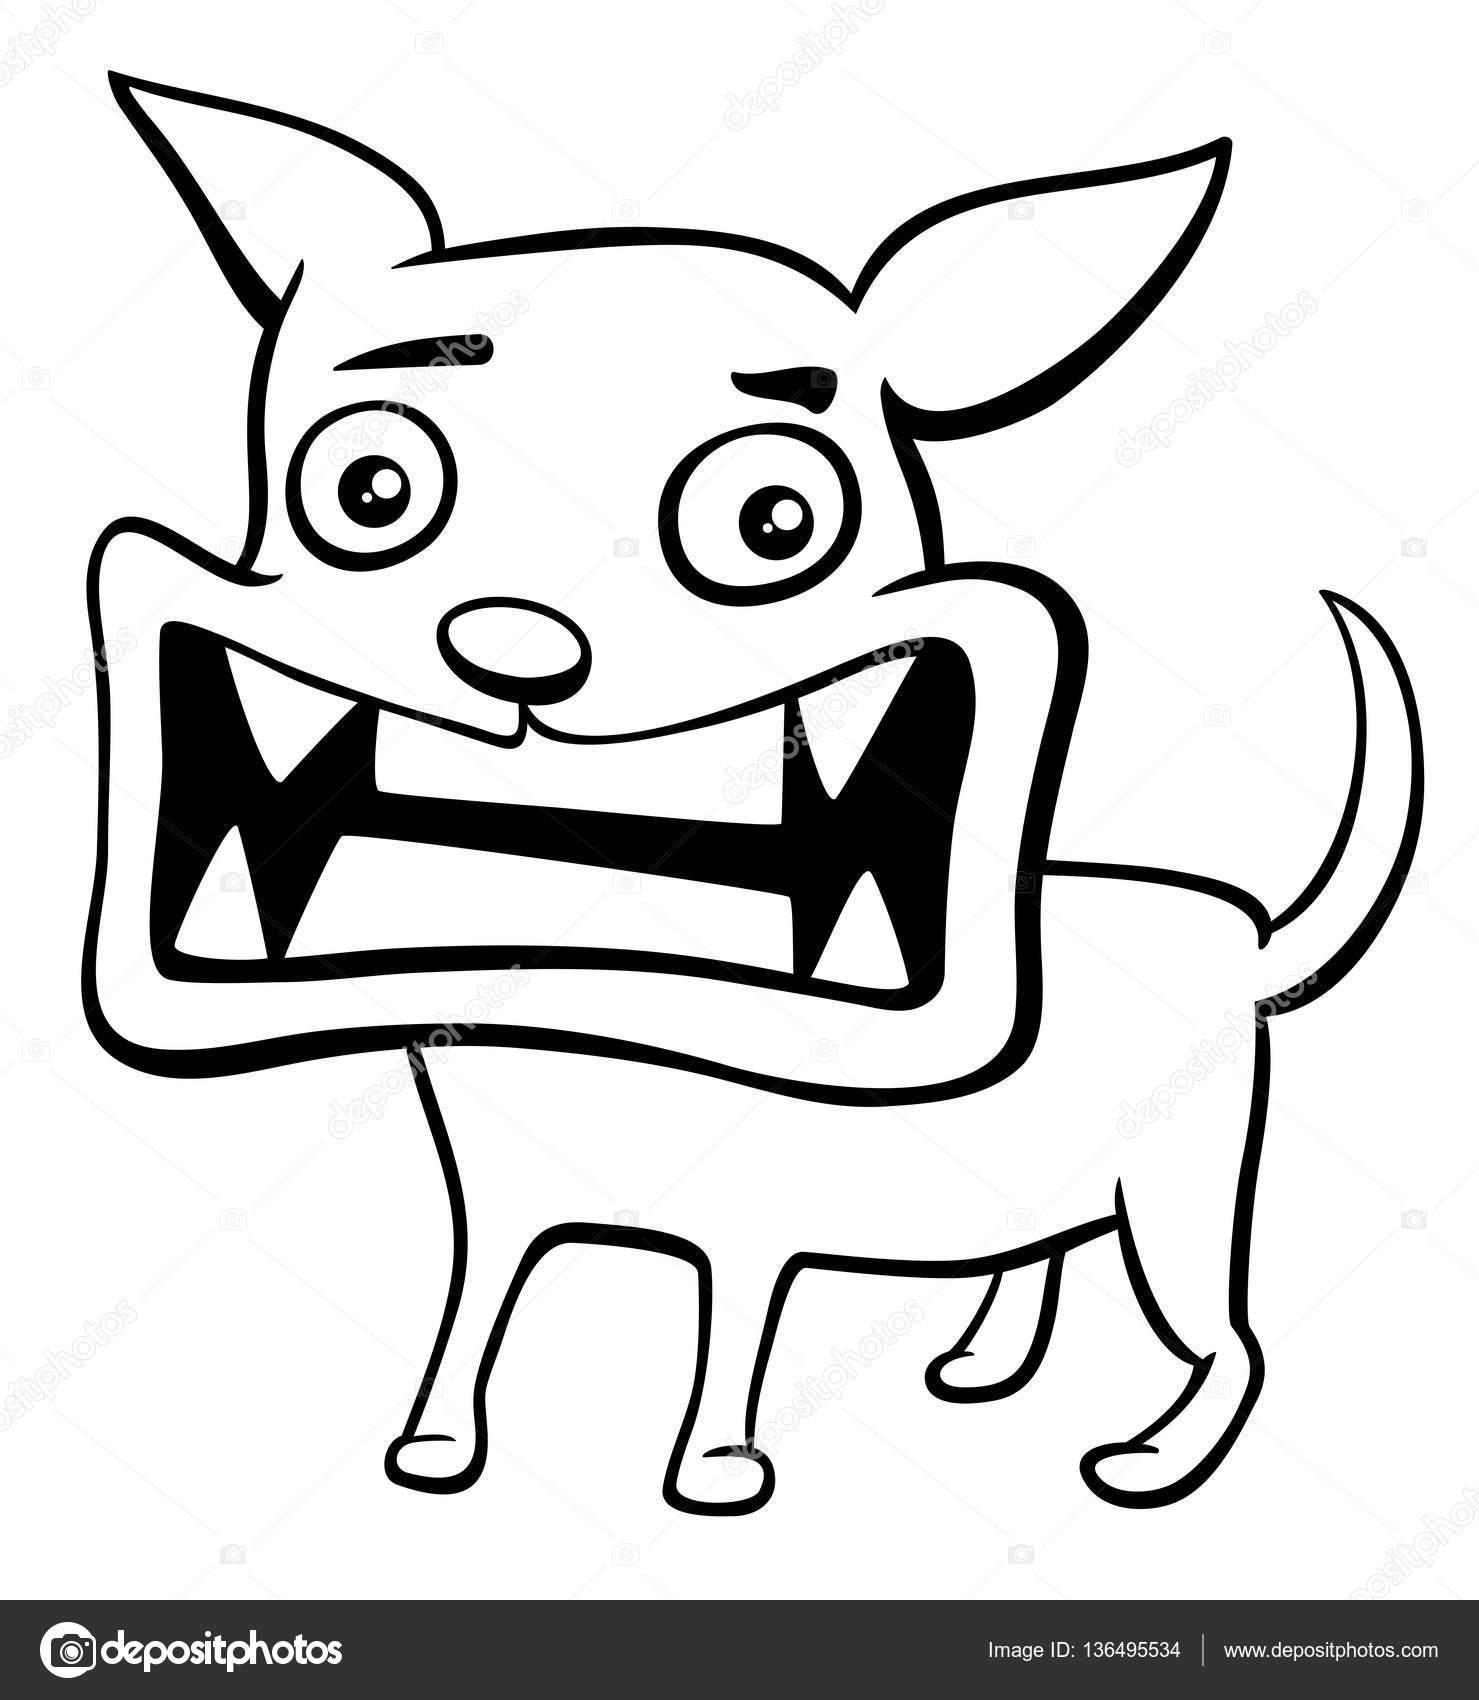 Página de puppy enojado para colorear — Archivo Imágenes Vectoriales ...